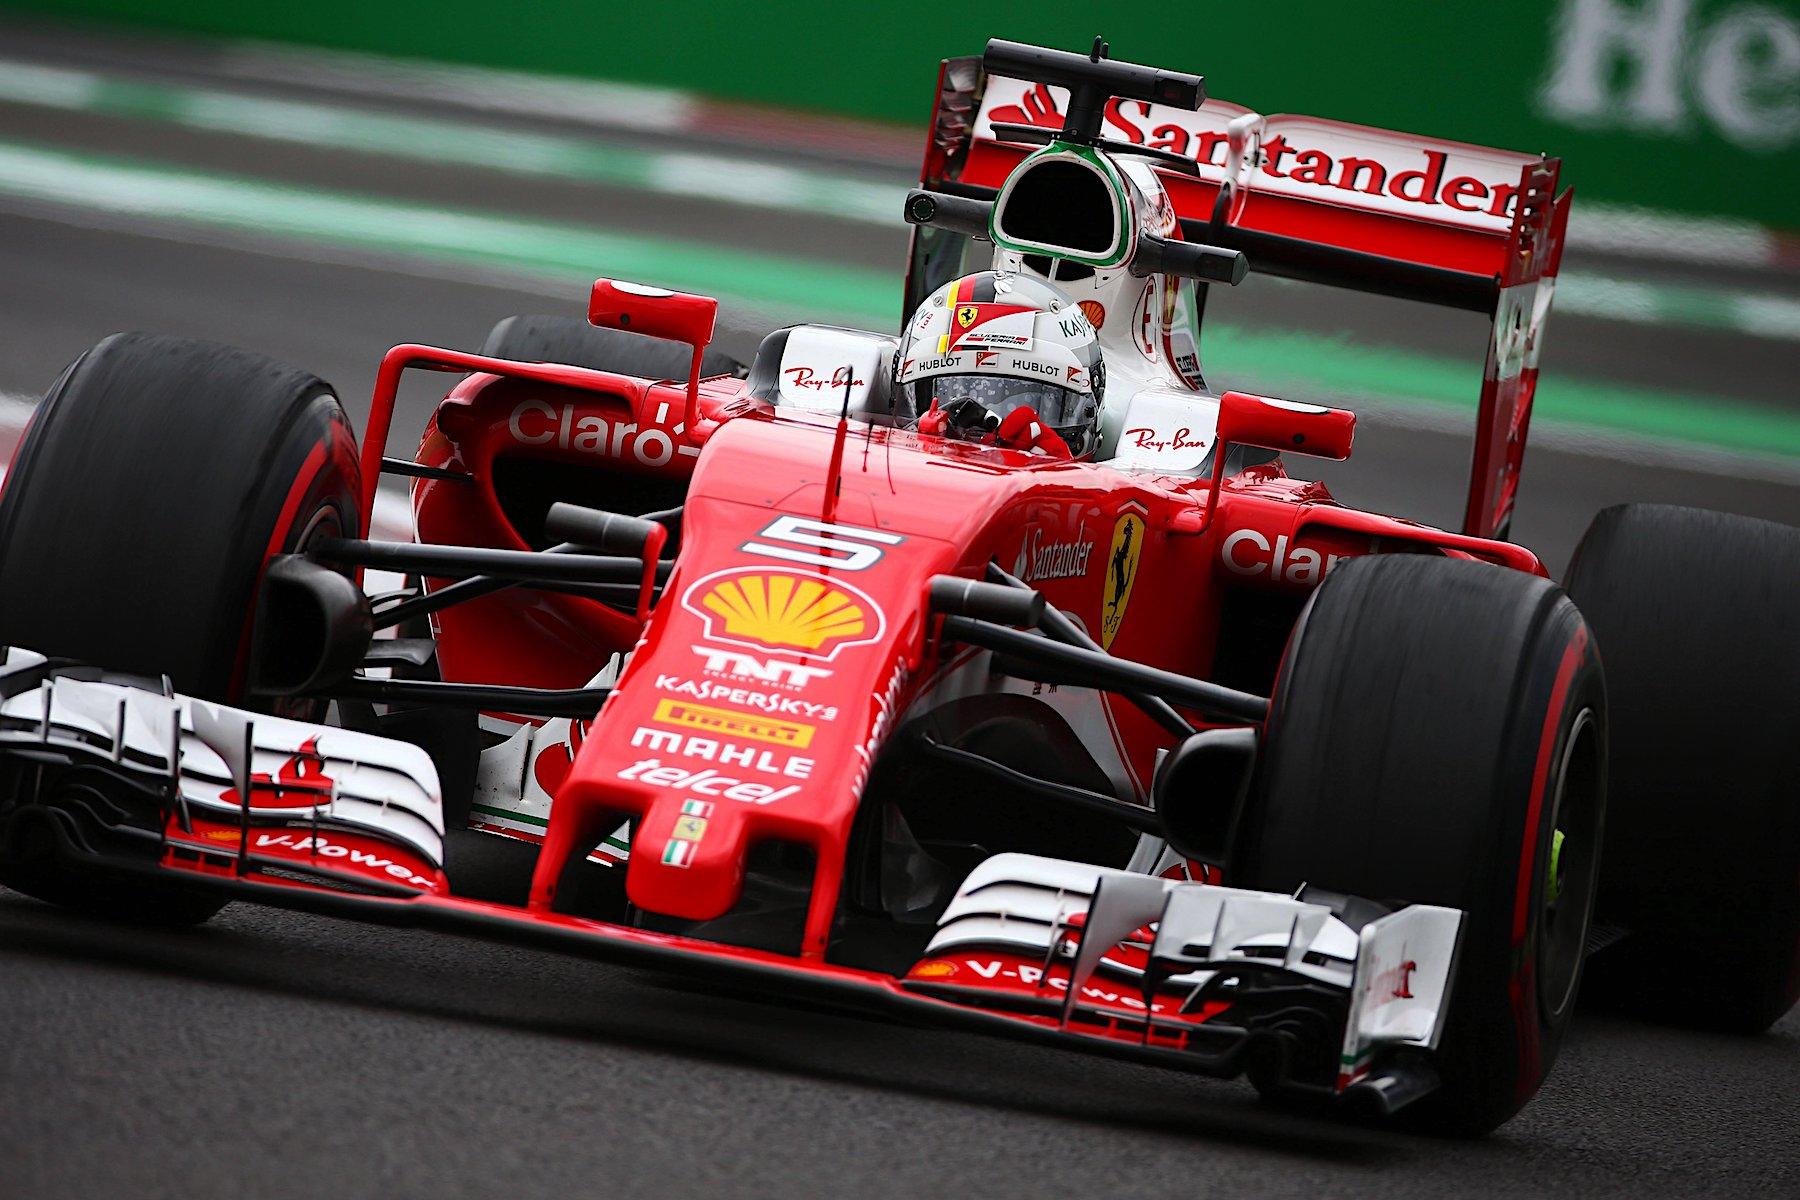 Salracing - Sebastian Vettel   Scuderia Ferrari